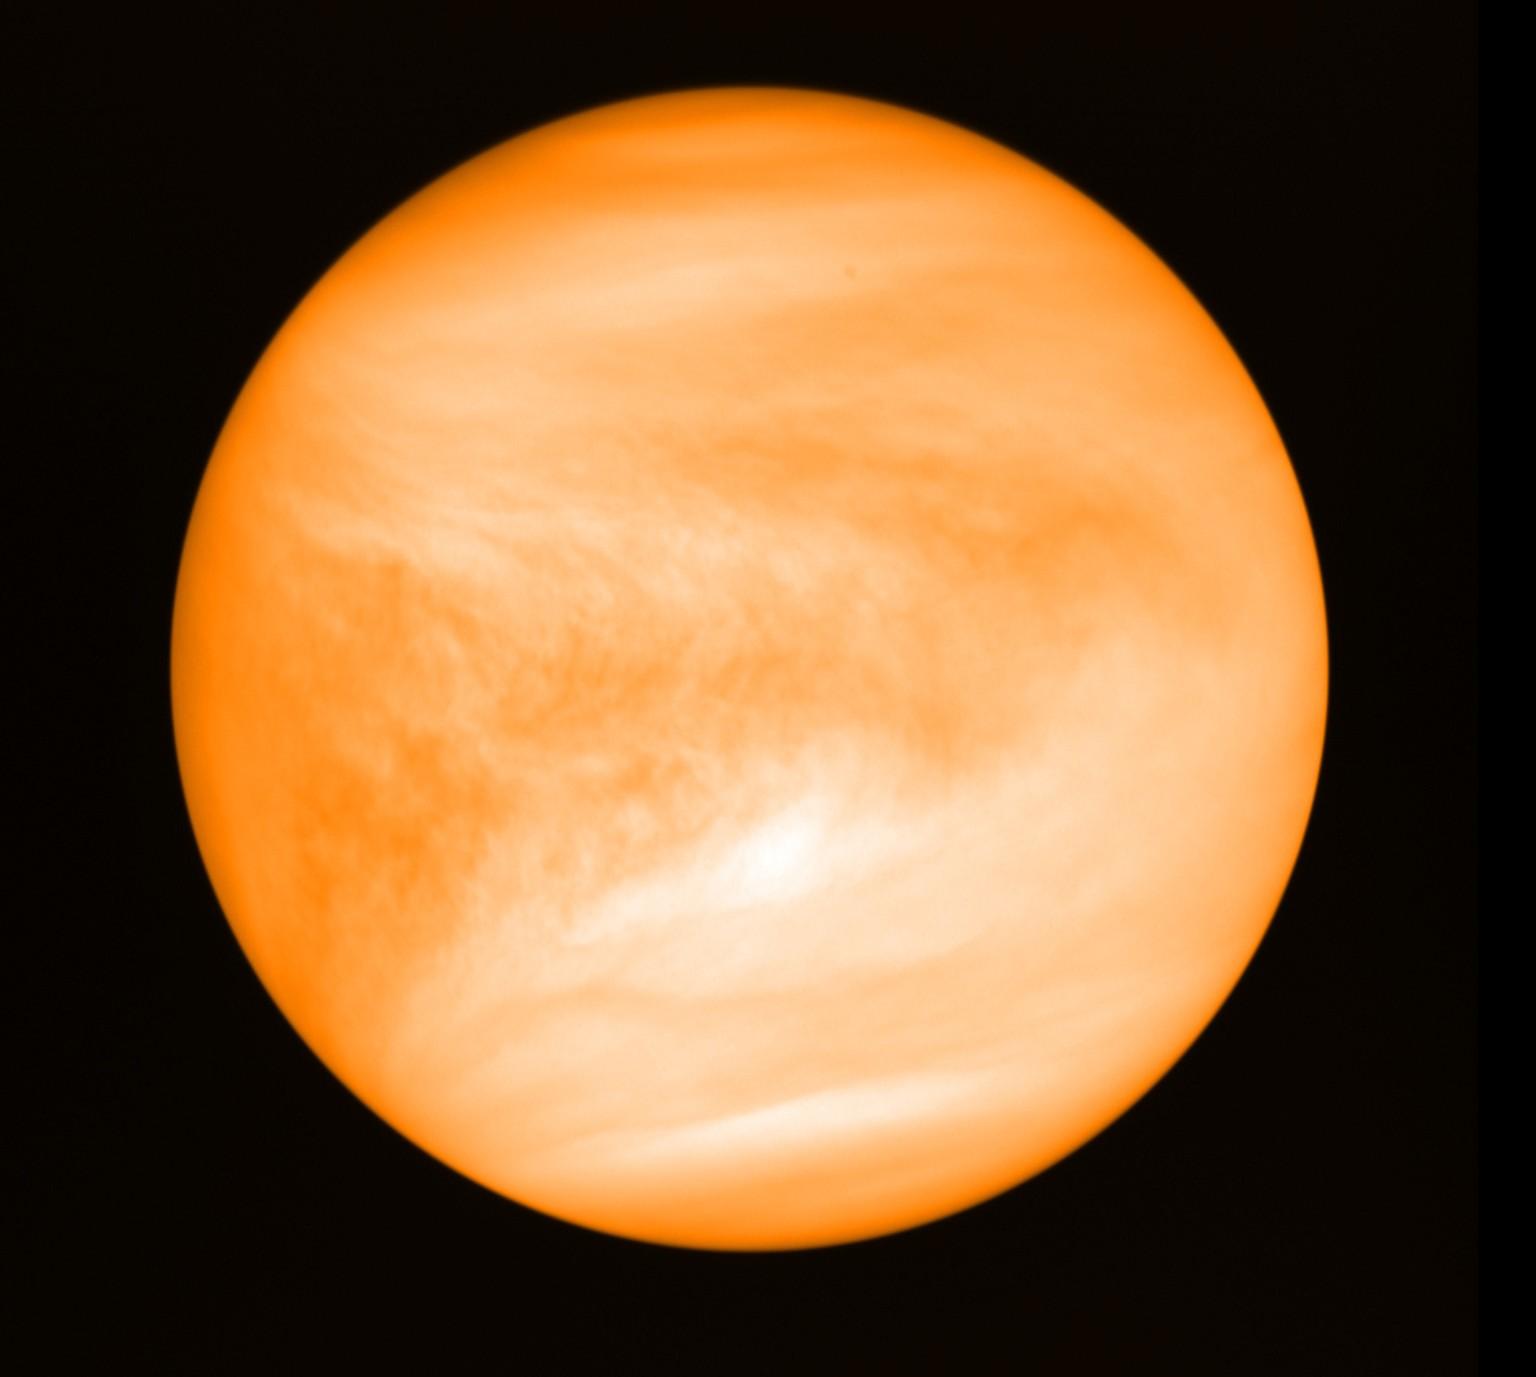 Nachbarplanet Der Venus